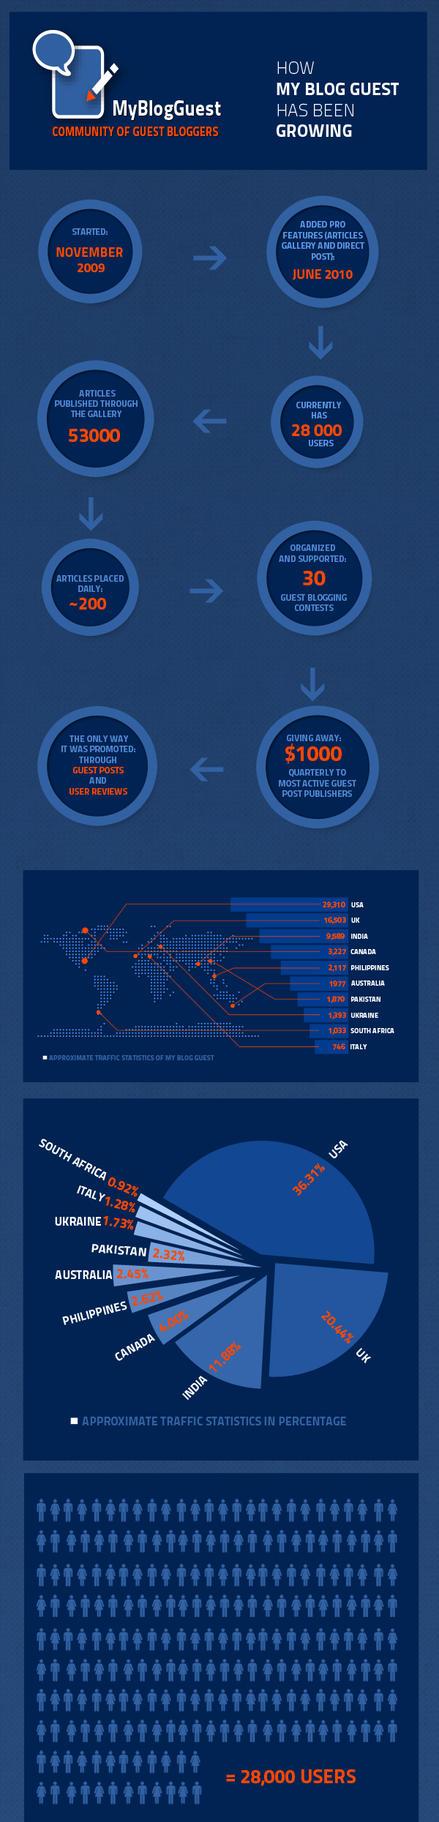 Infographic: MyBlogGuest, The Web First Guest Blogging Platform